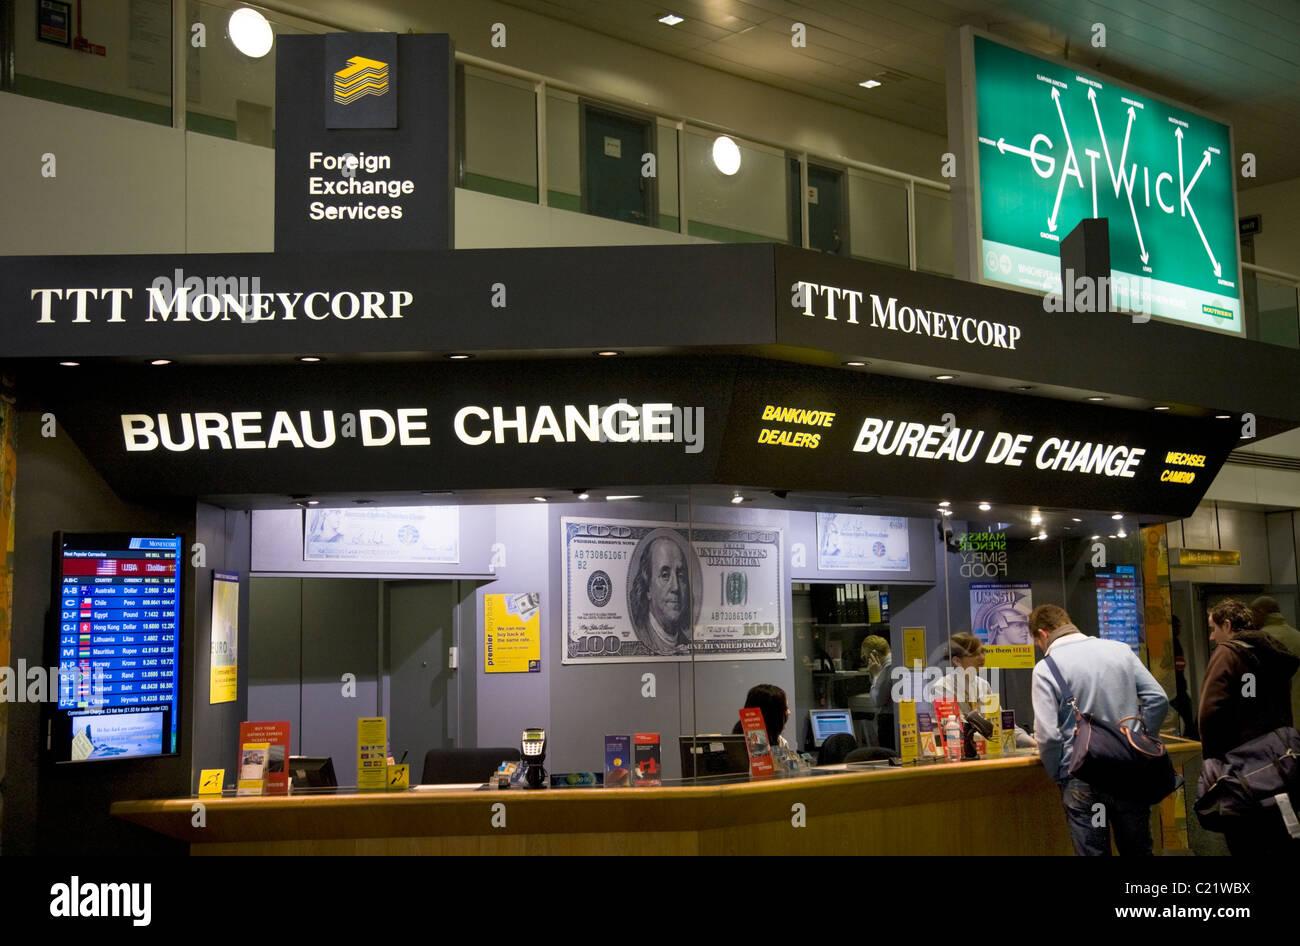 ttt moneycorp bureau de change office terminal sur del aeropuerto de gatwick londres uk